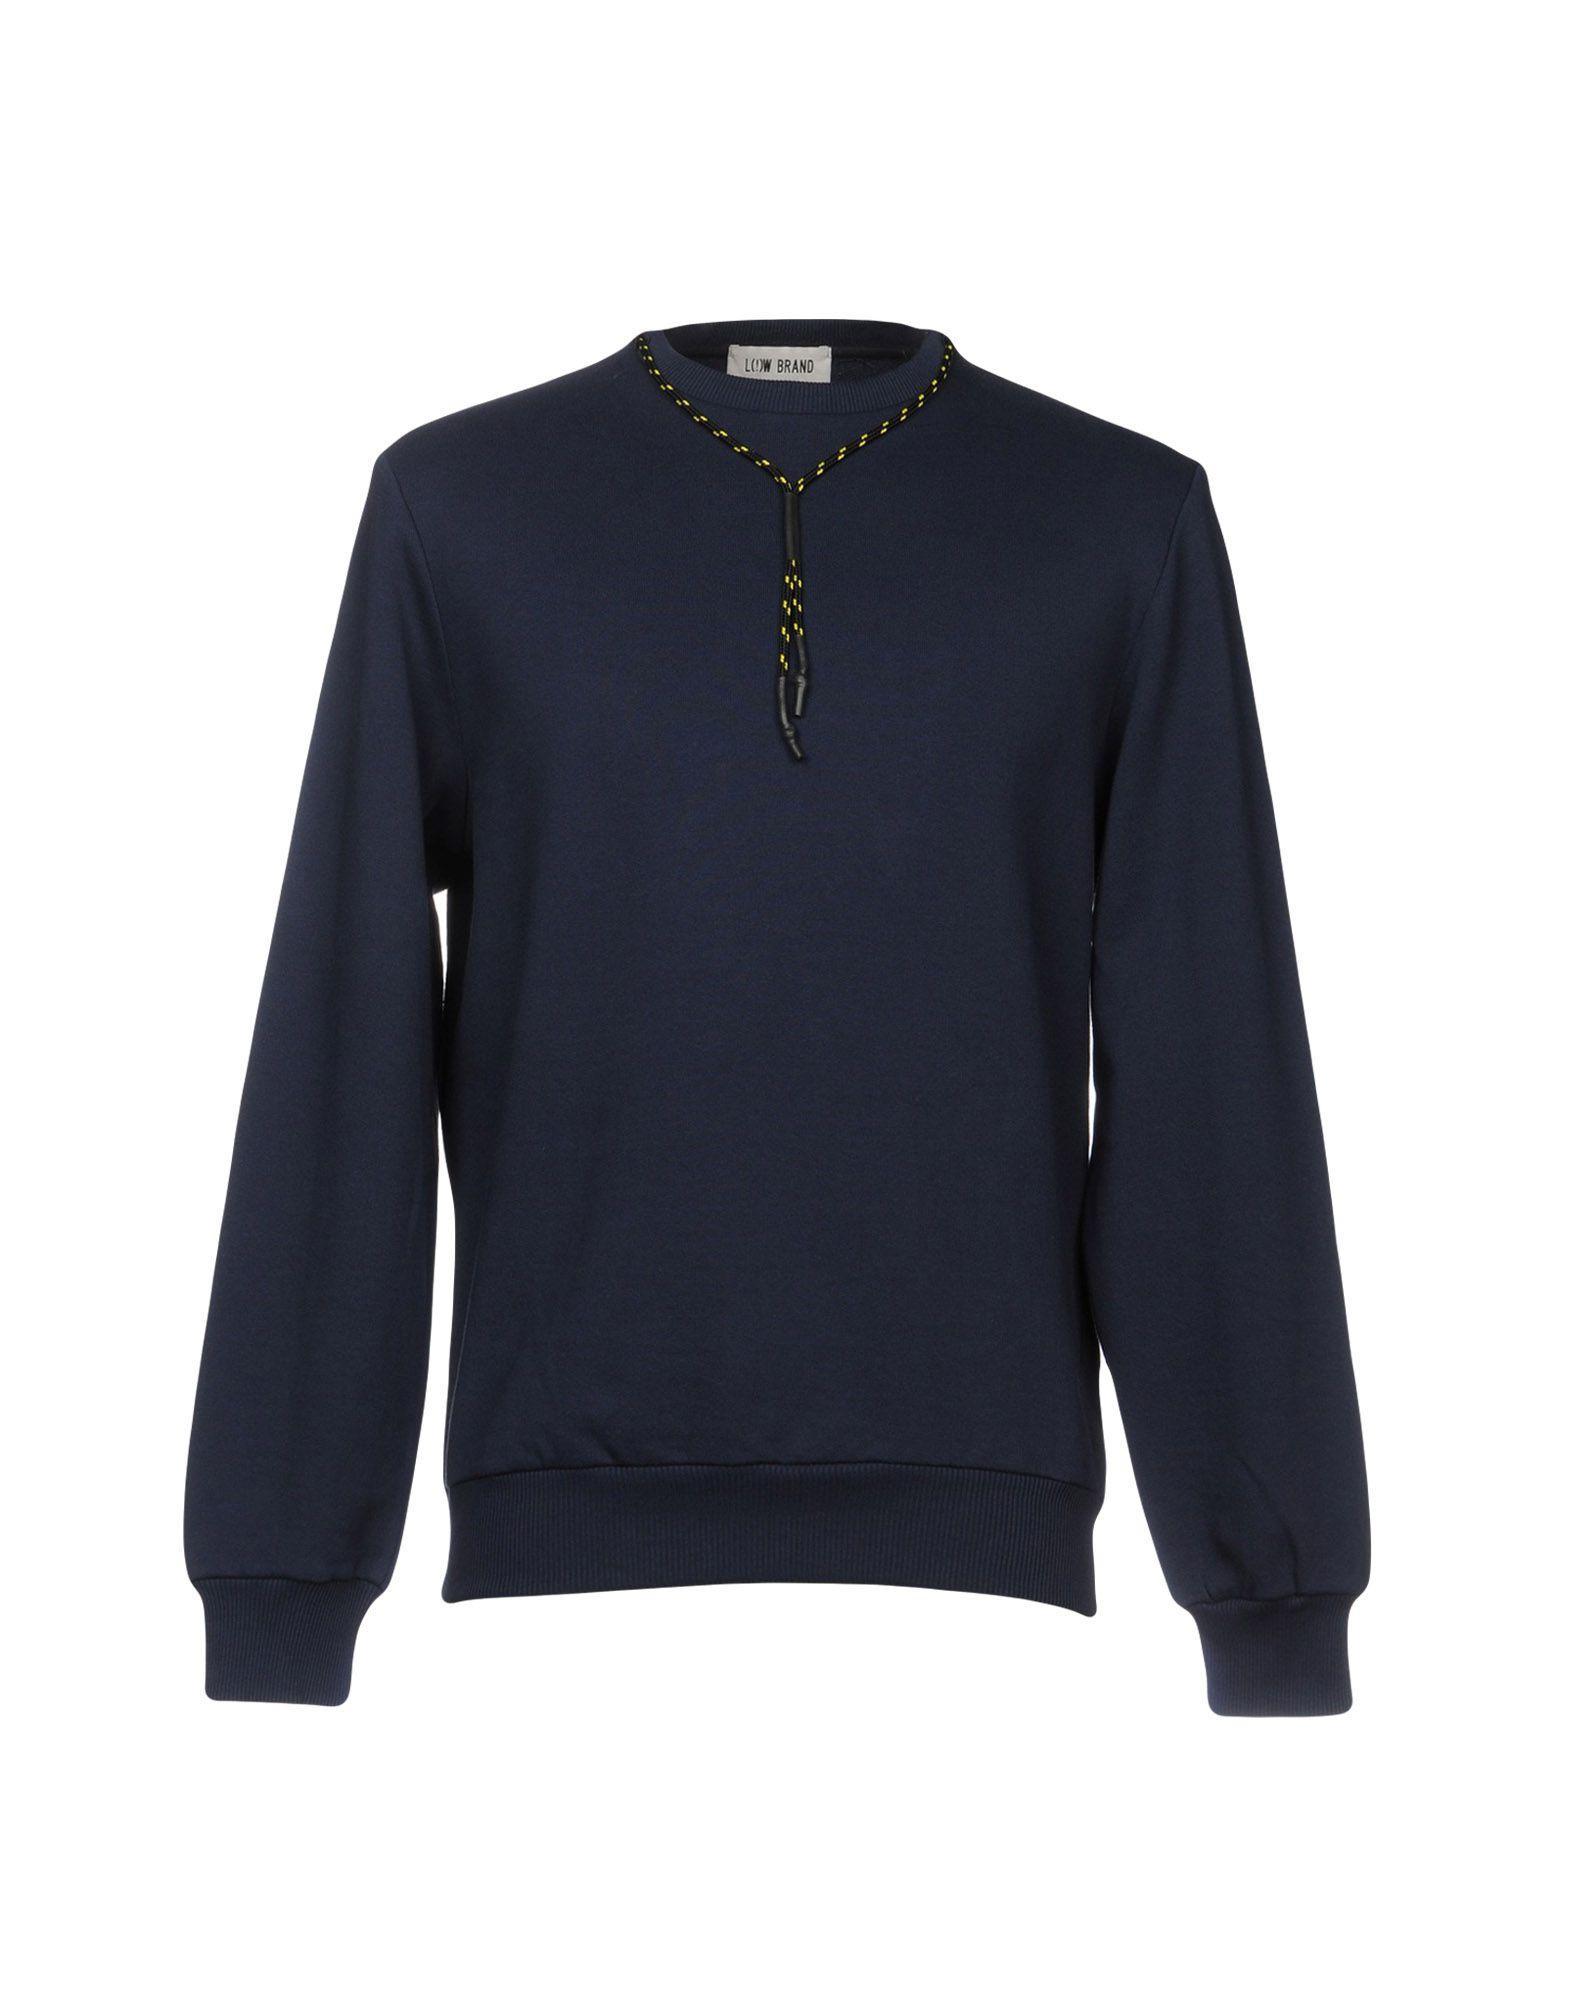 Low Brand Sweatshirts In Dark Blue